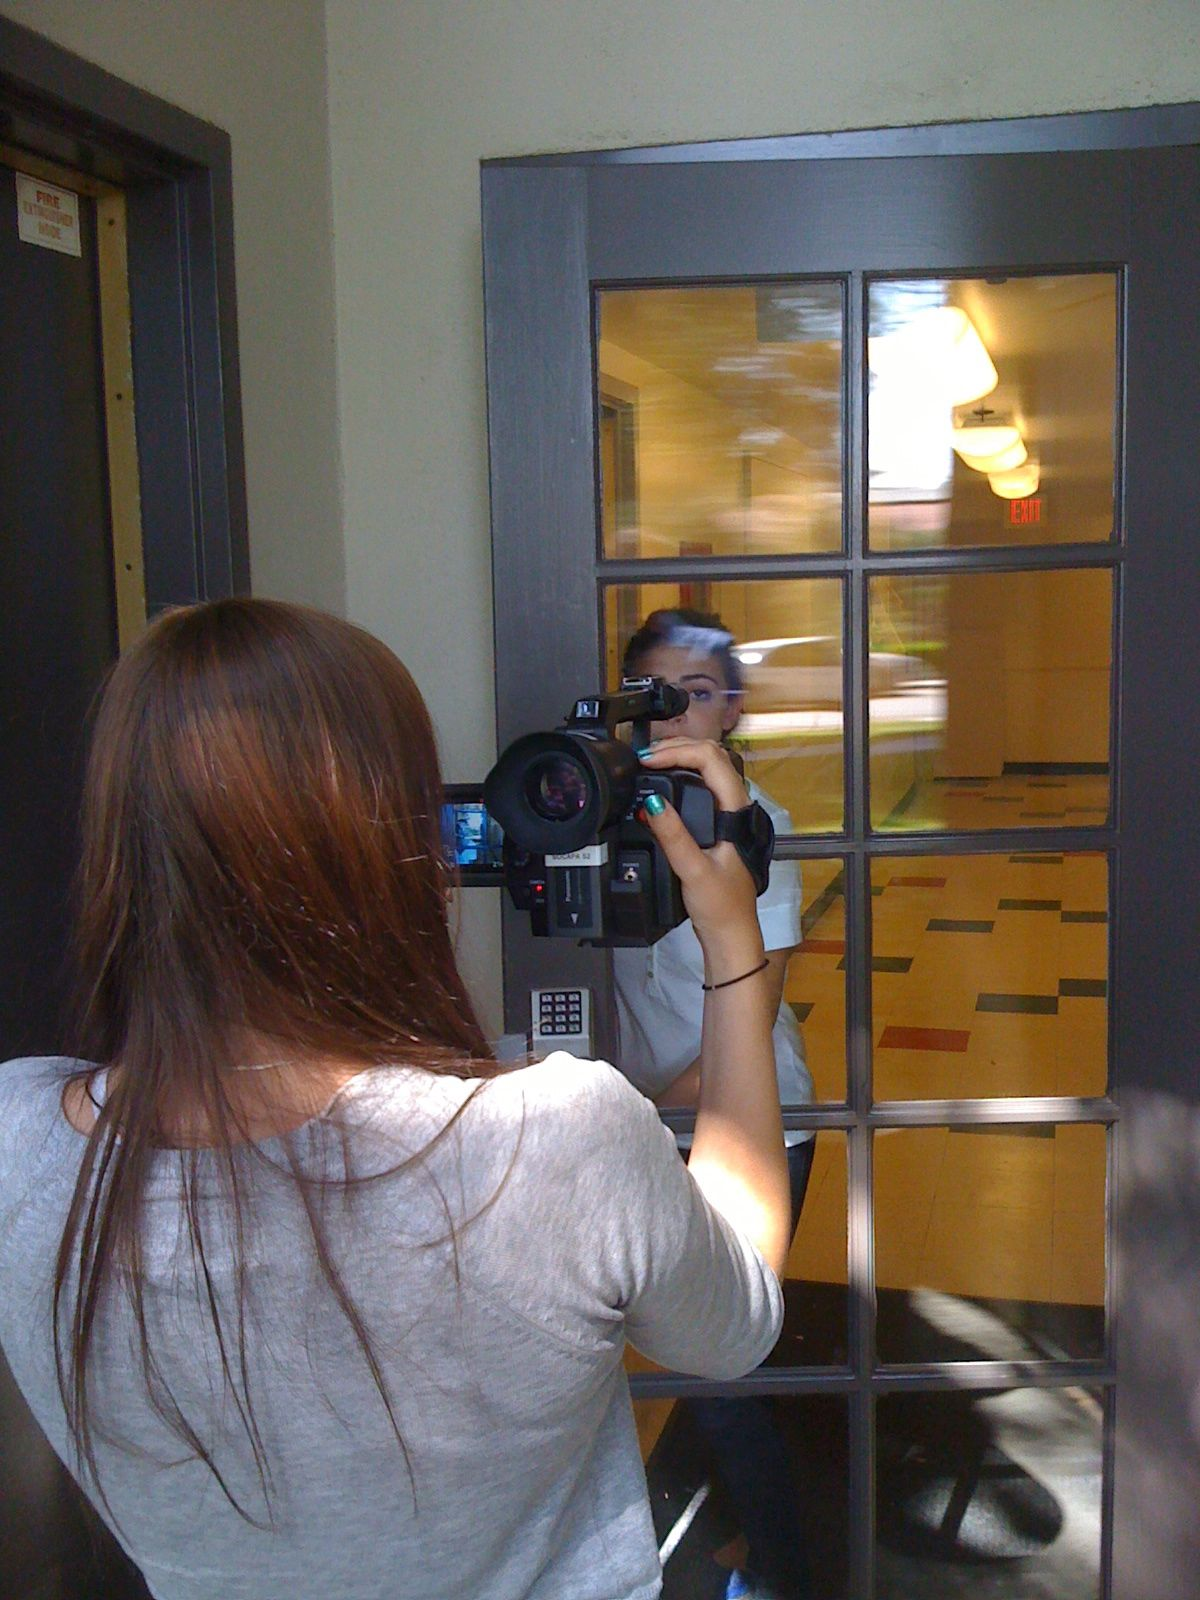 Summer Program - Filmmaking and Digital Media | SOCAPA: Filmmaking Camp